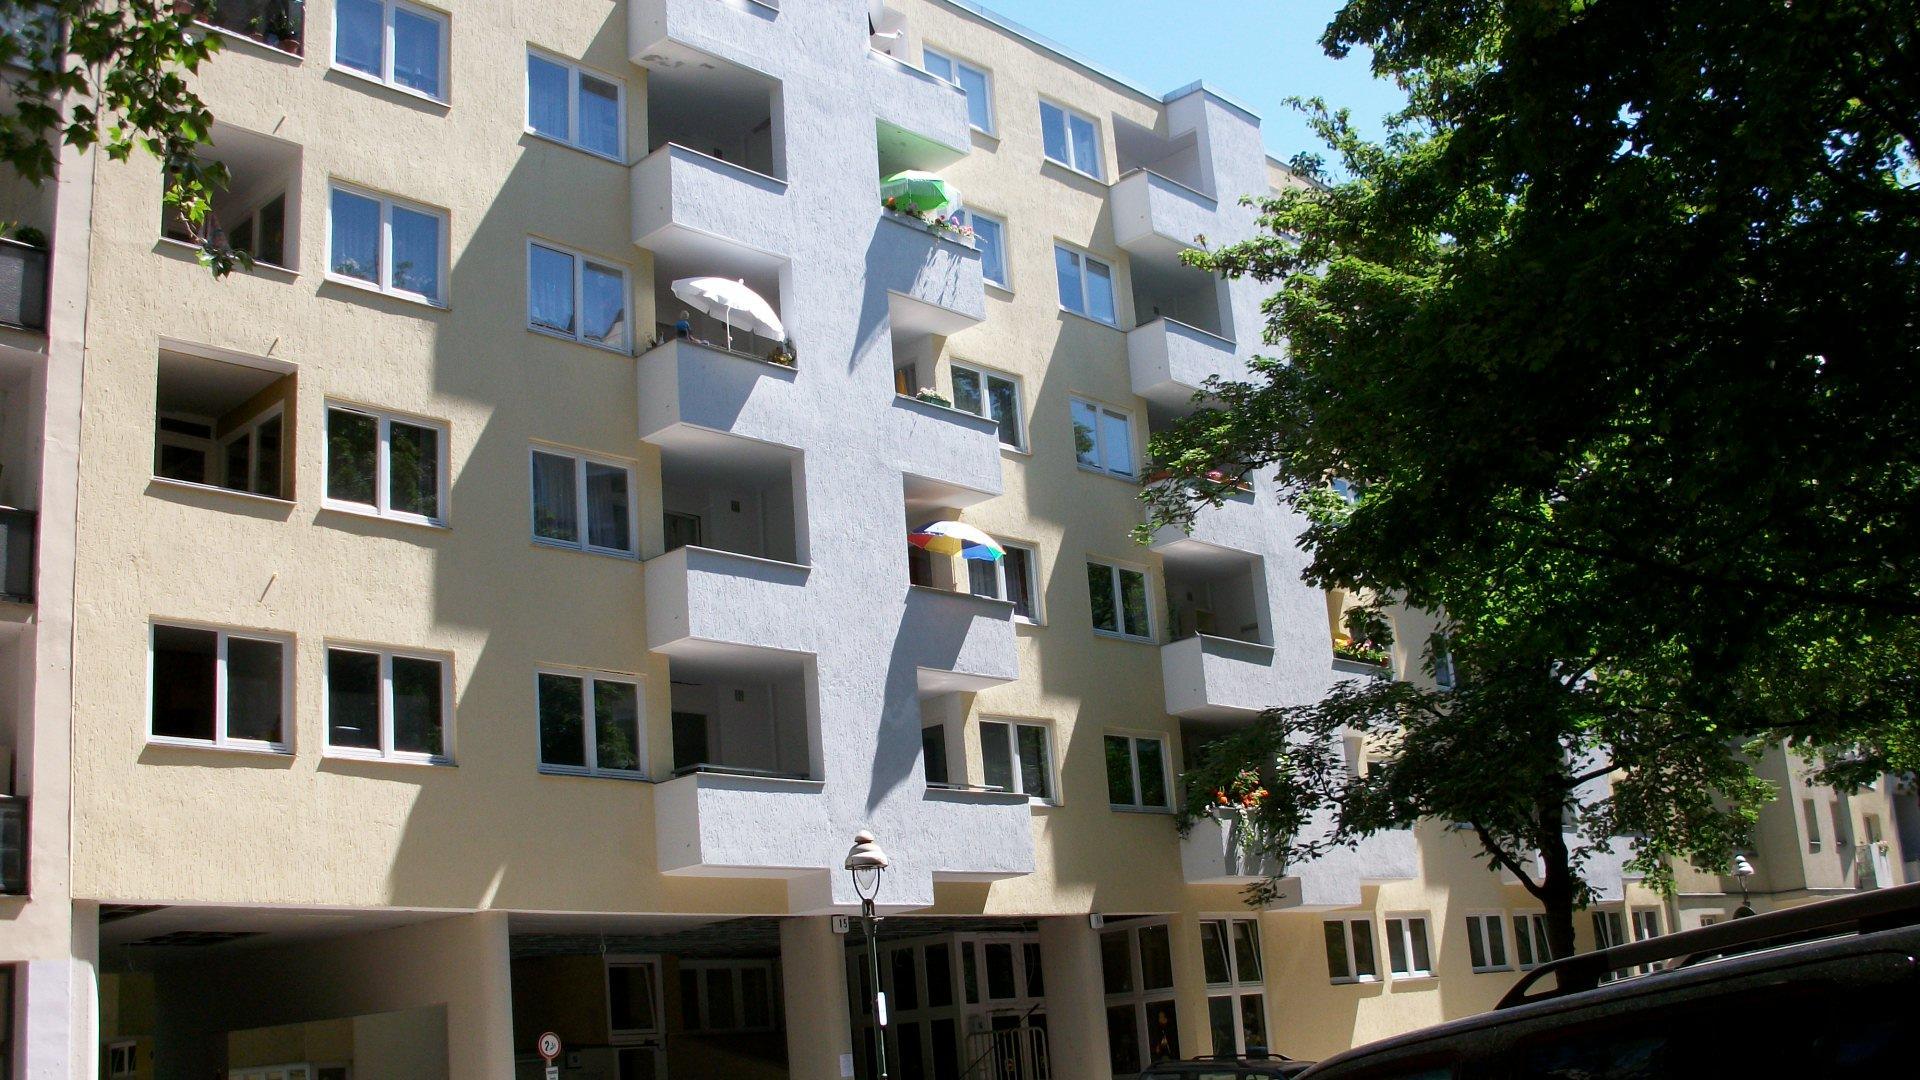 Seniorenwohnhaus Roscherstraße